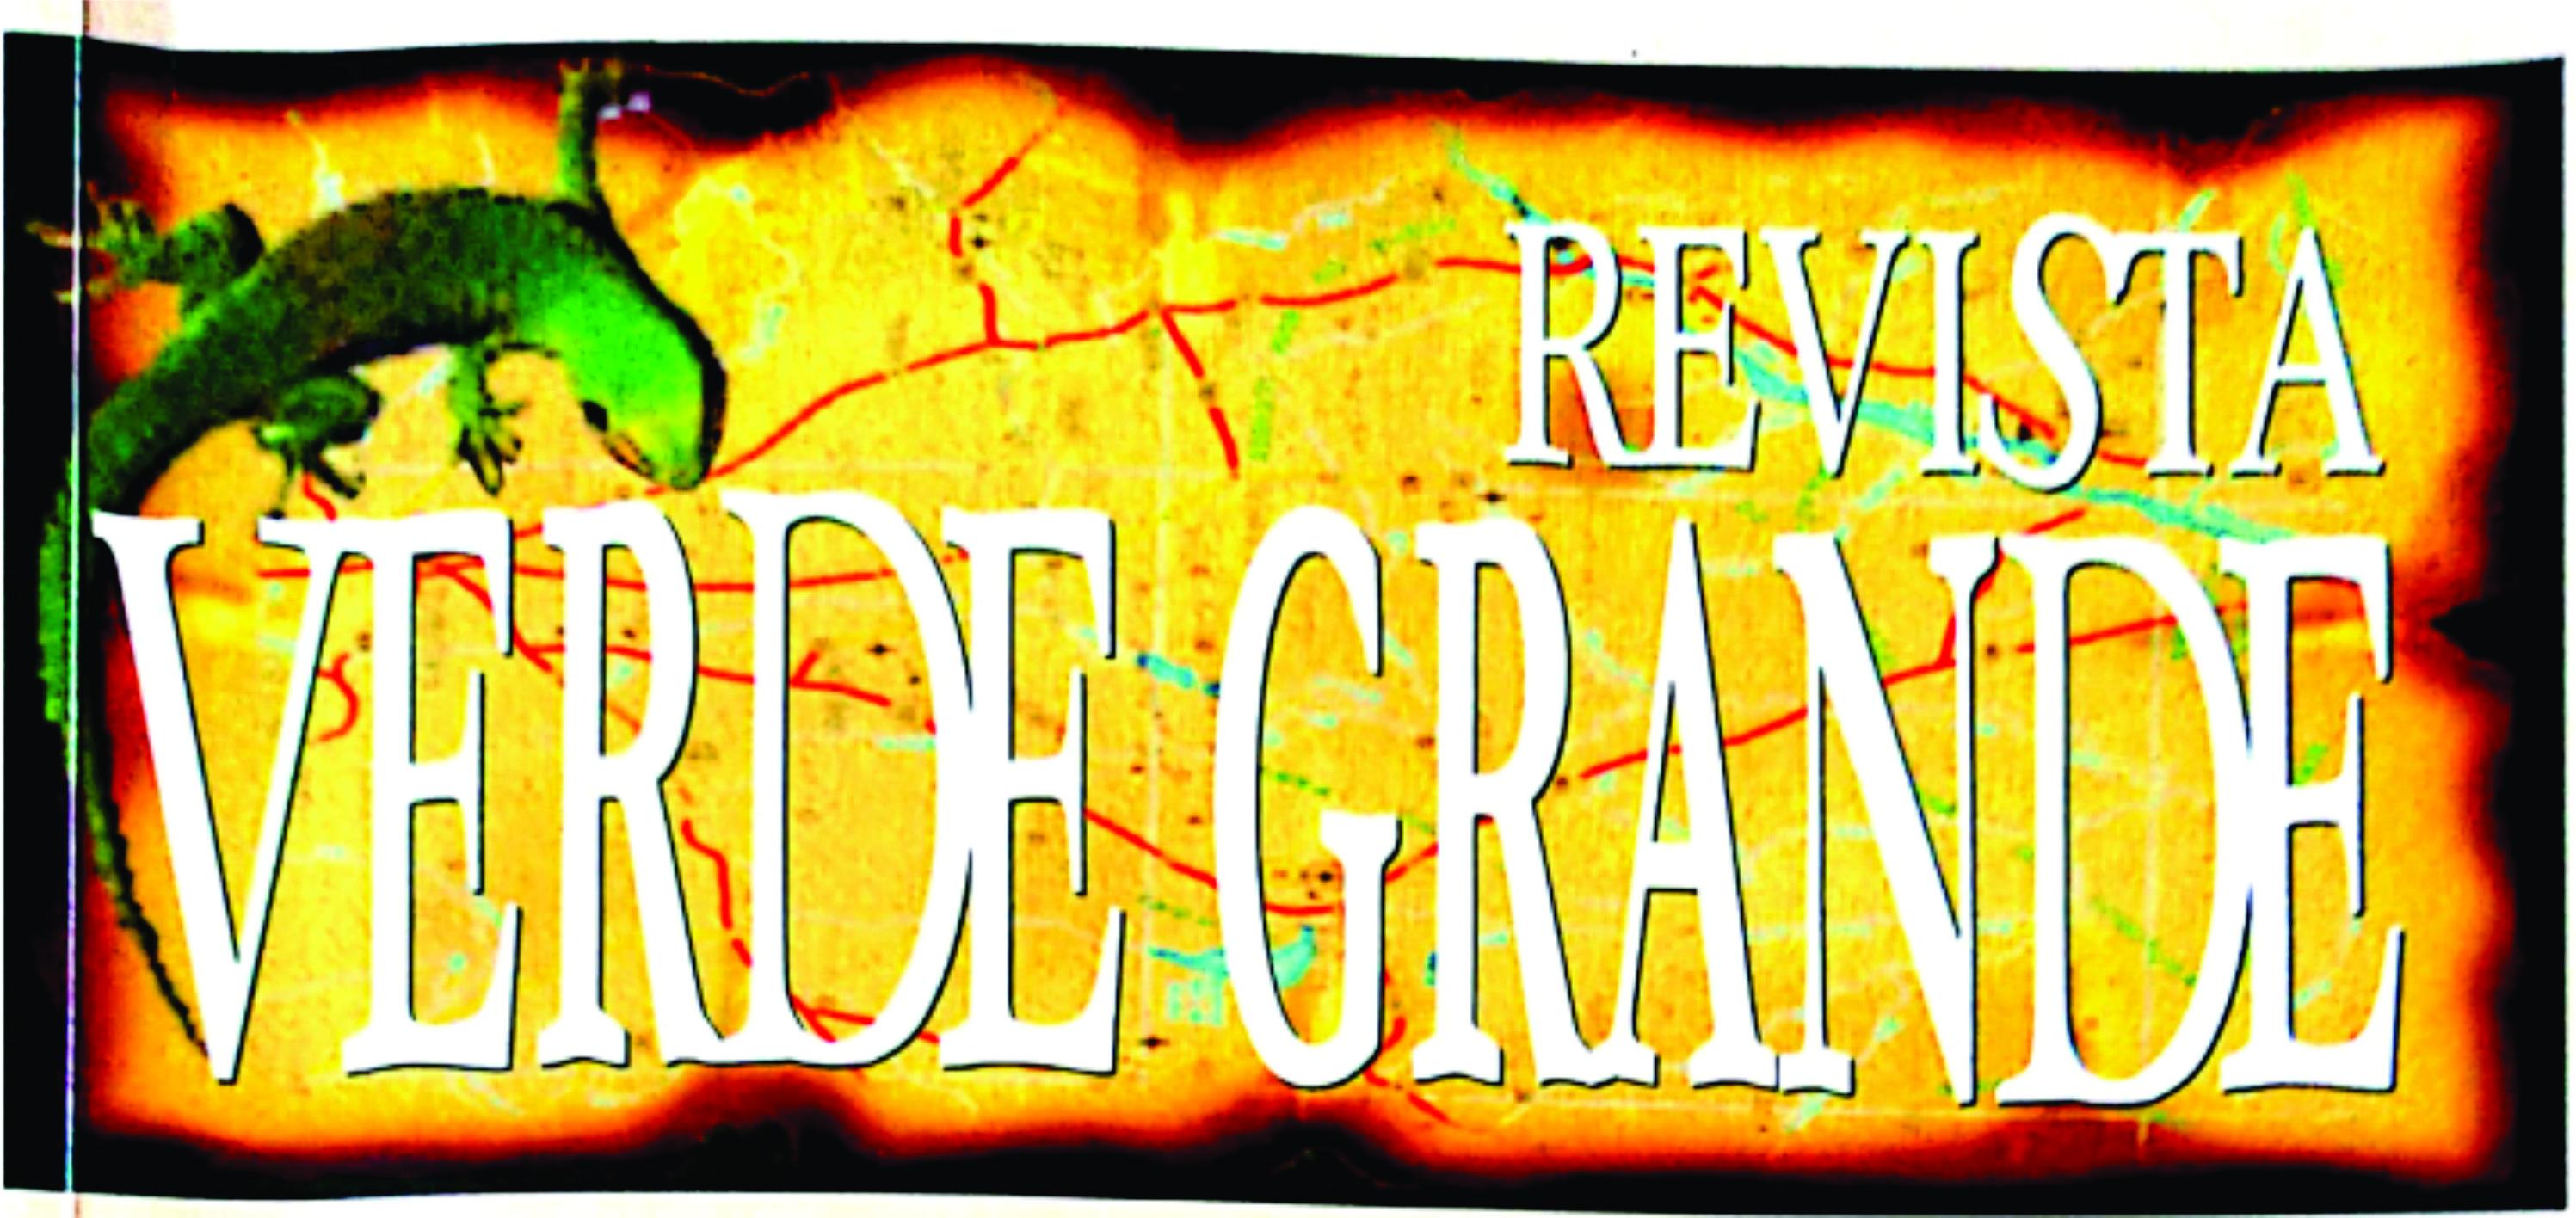 Imagem de destaque Revista Verde Grande